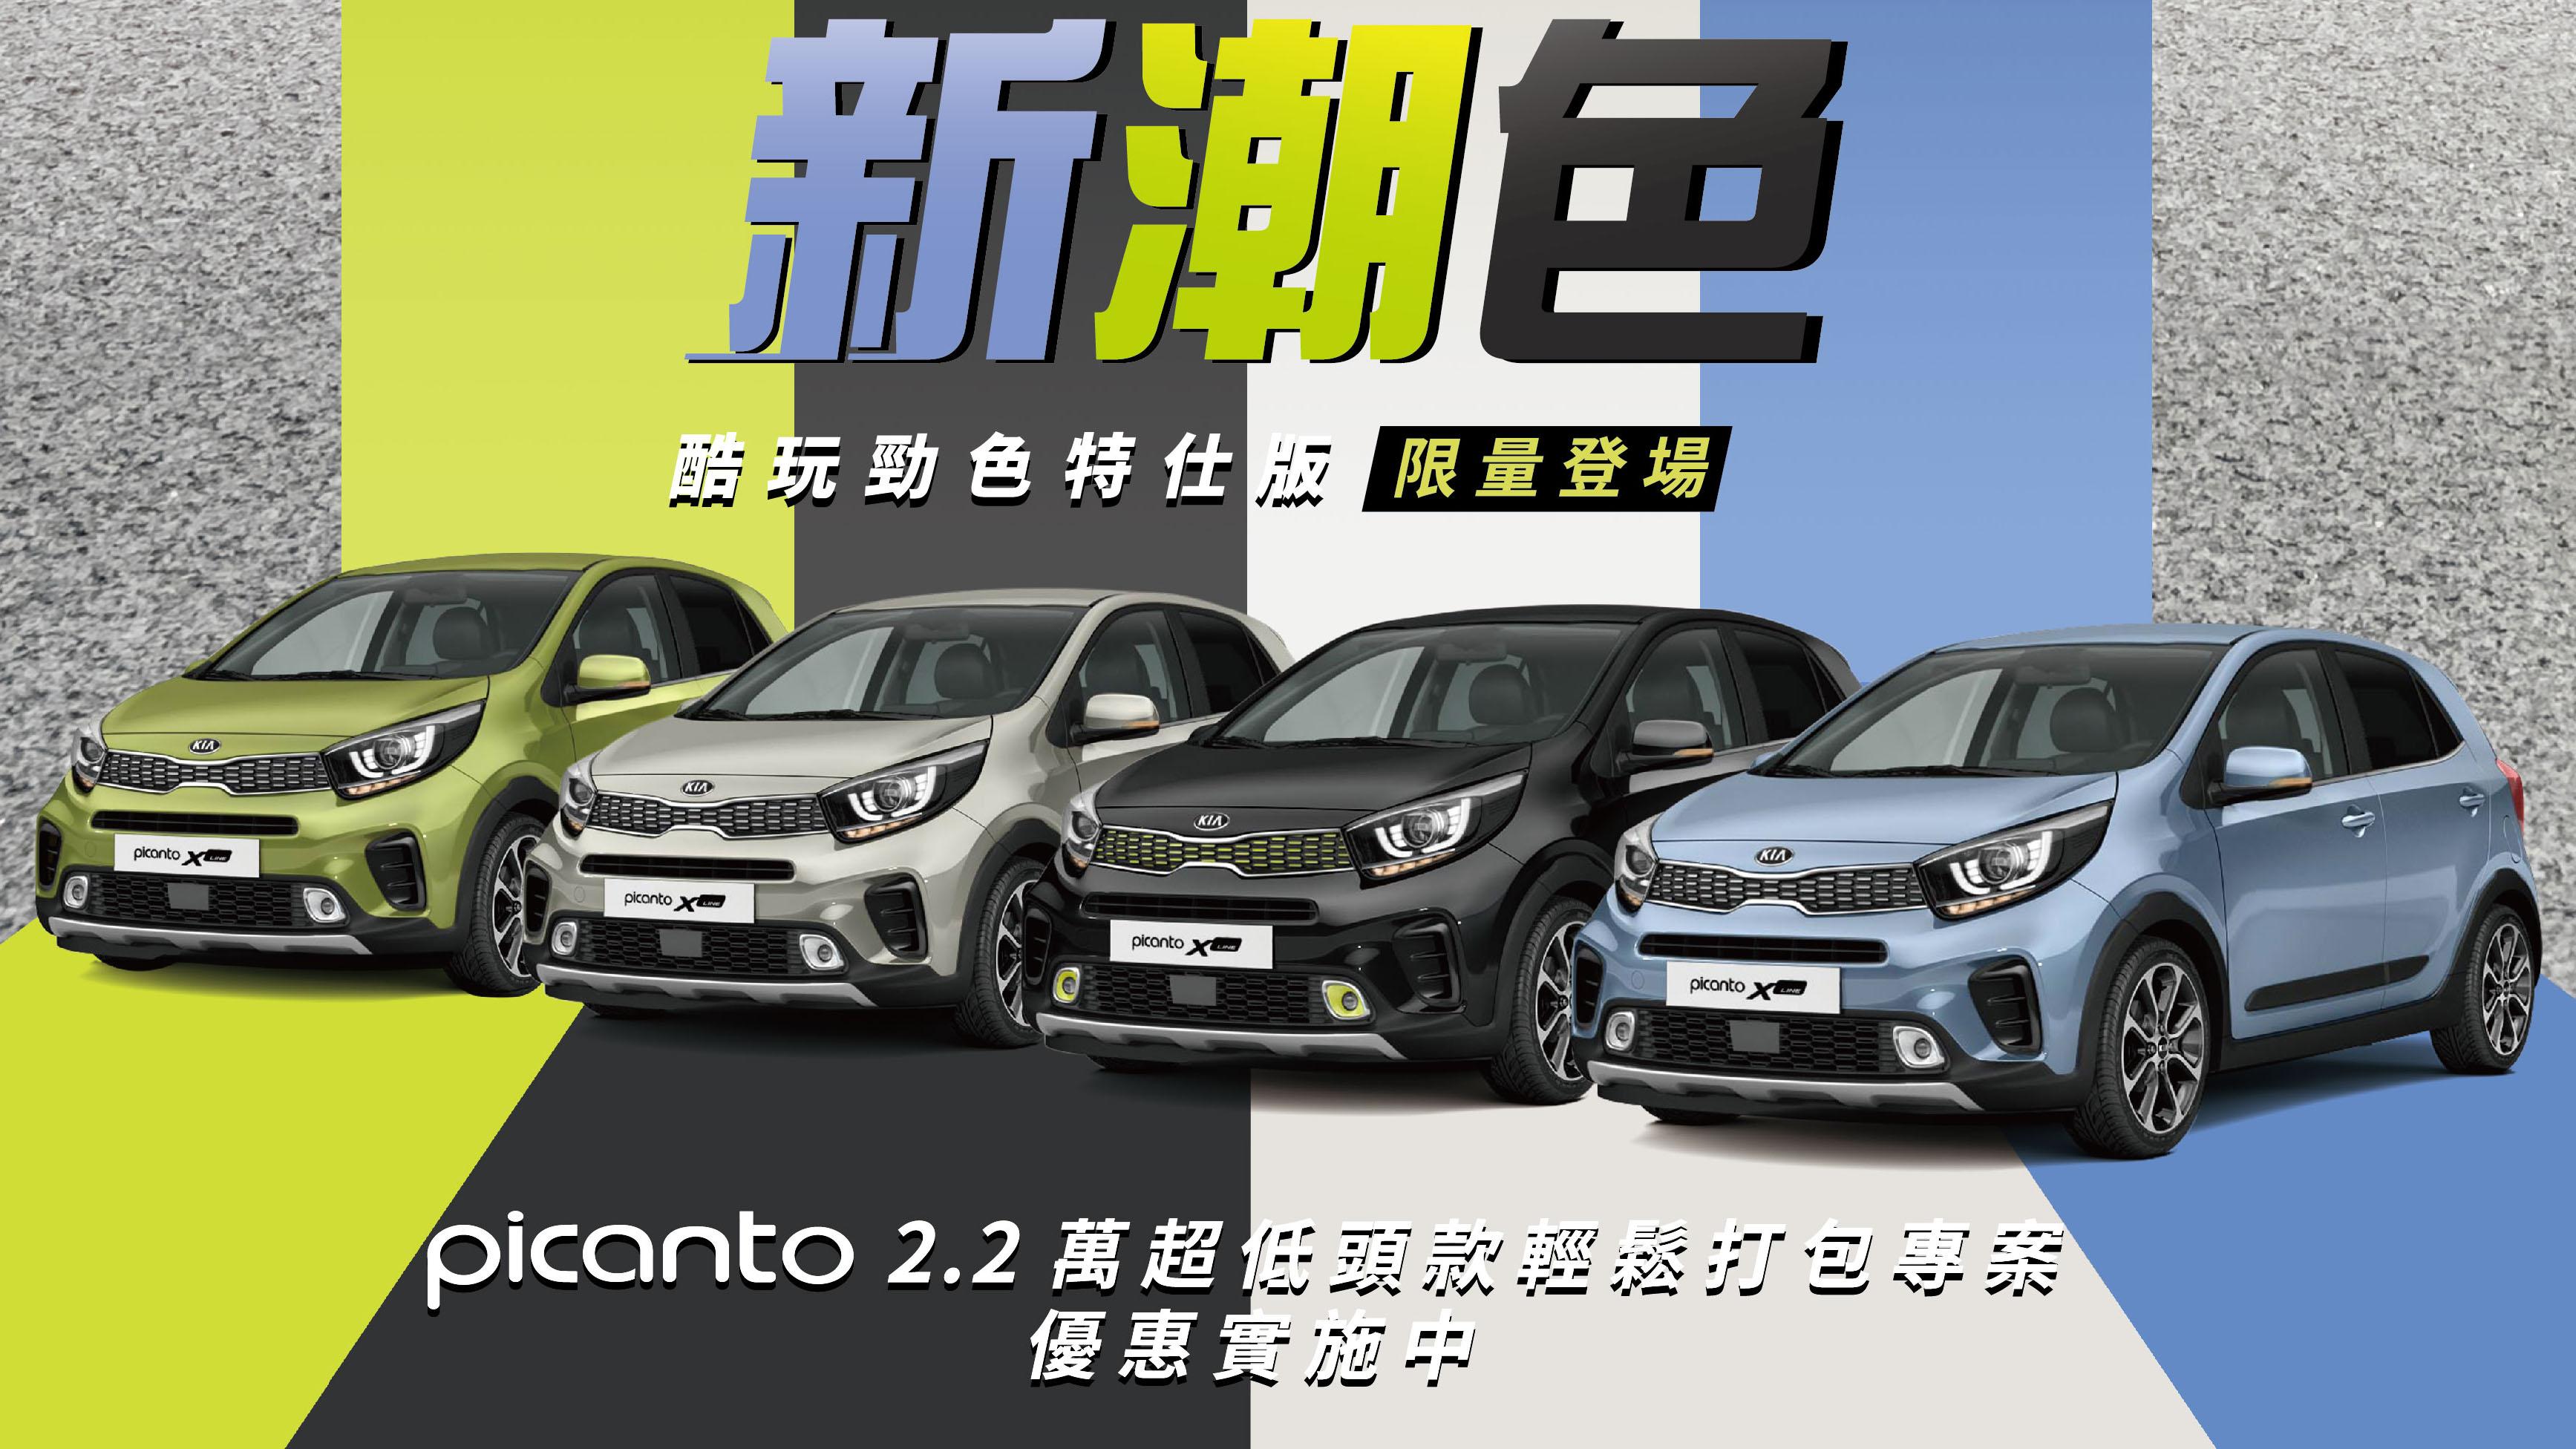 【 Kia 最新優惠看這裡】Picanto 超低頭款 2.2 萬開回家,月付 7,288 元起!